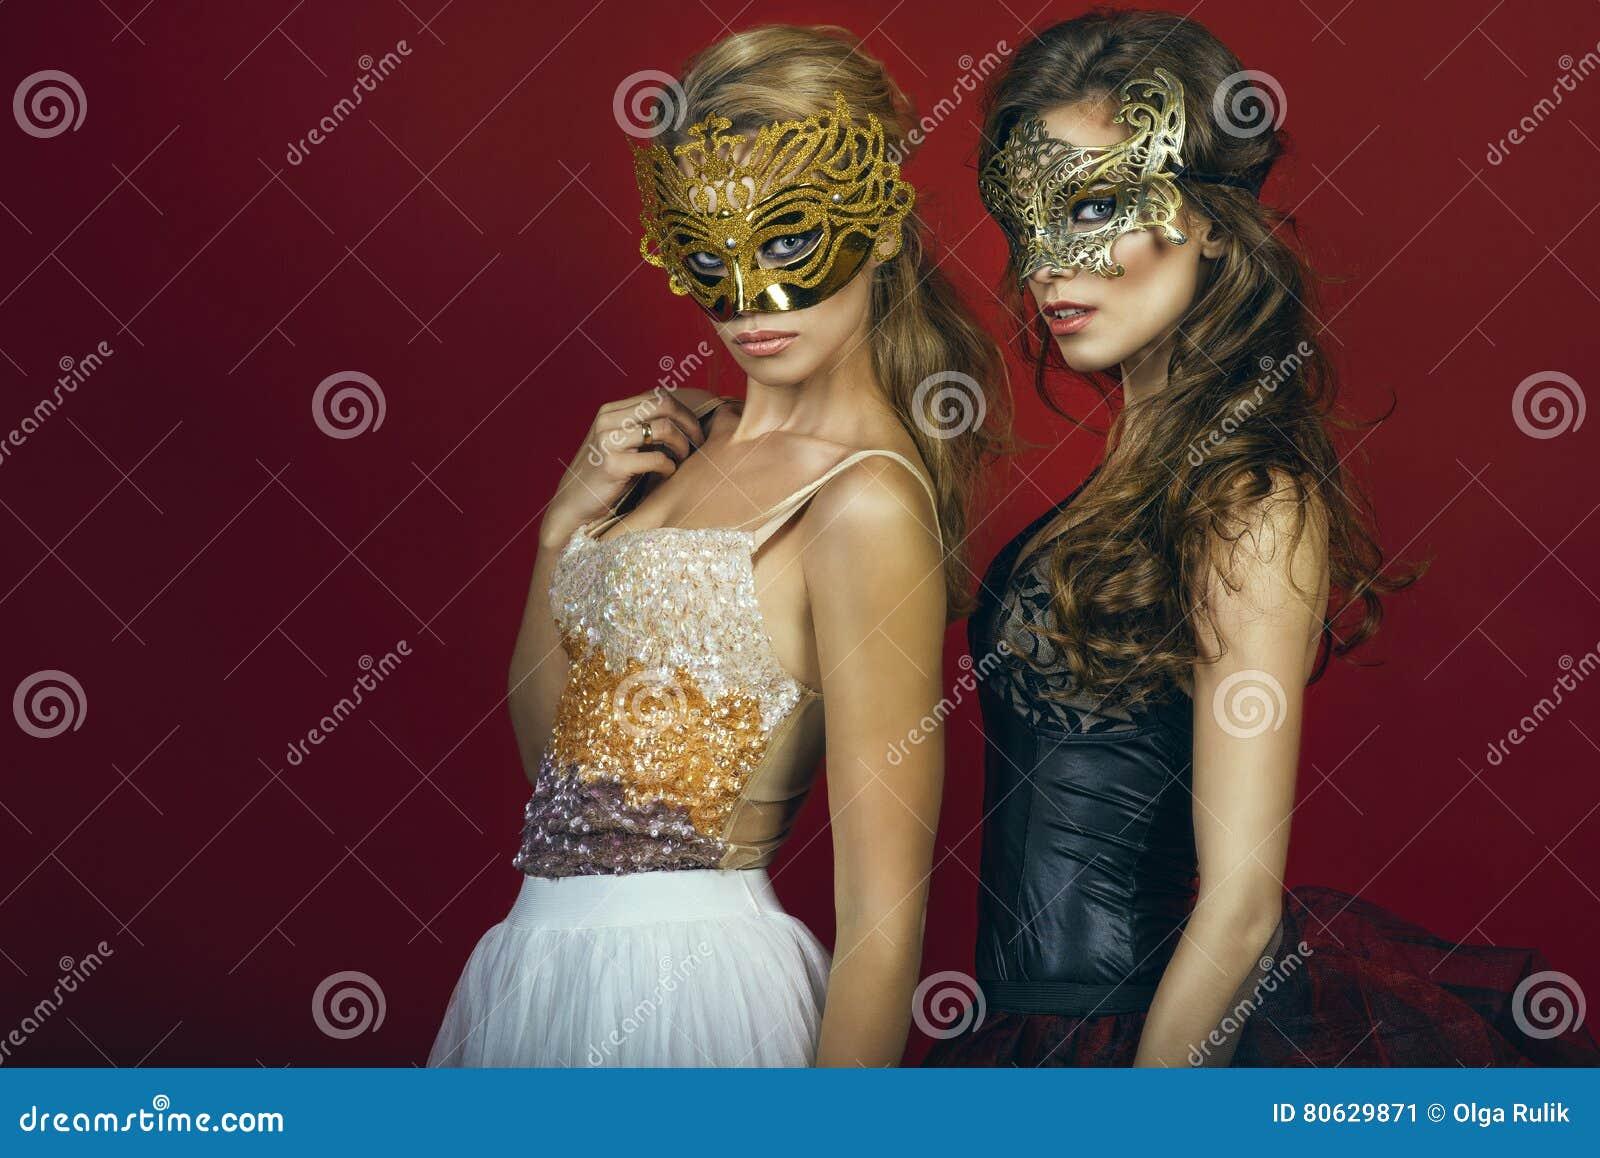 Ziemlich Bronze Abendkleider Bilder - Brautkleider Ideen - cashingy.info